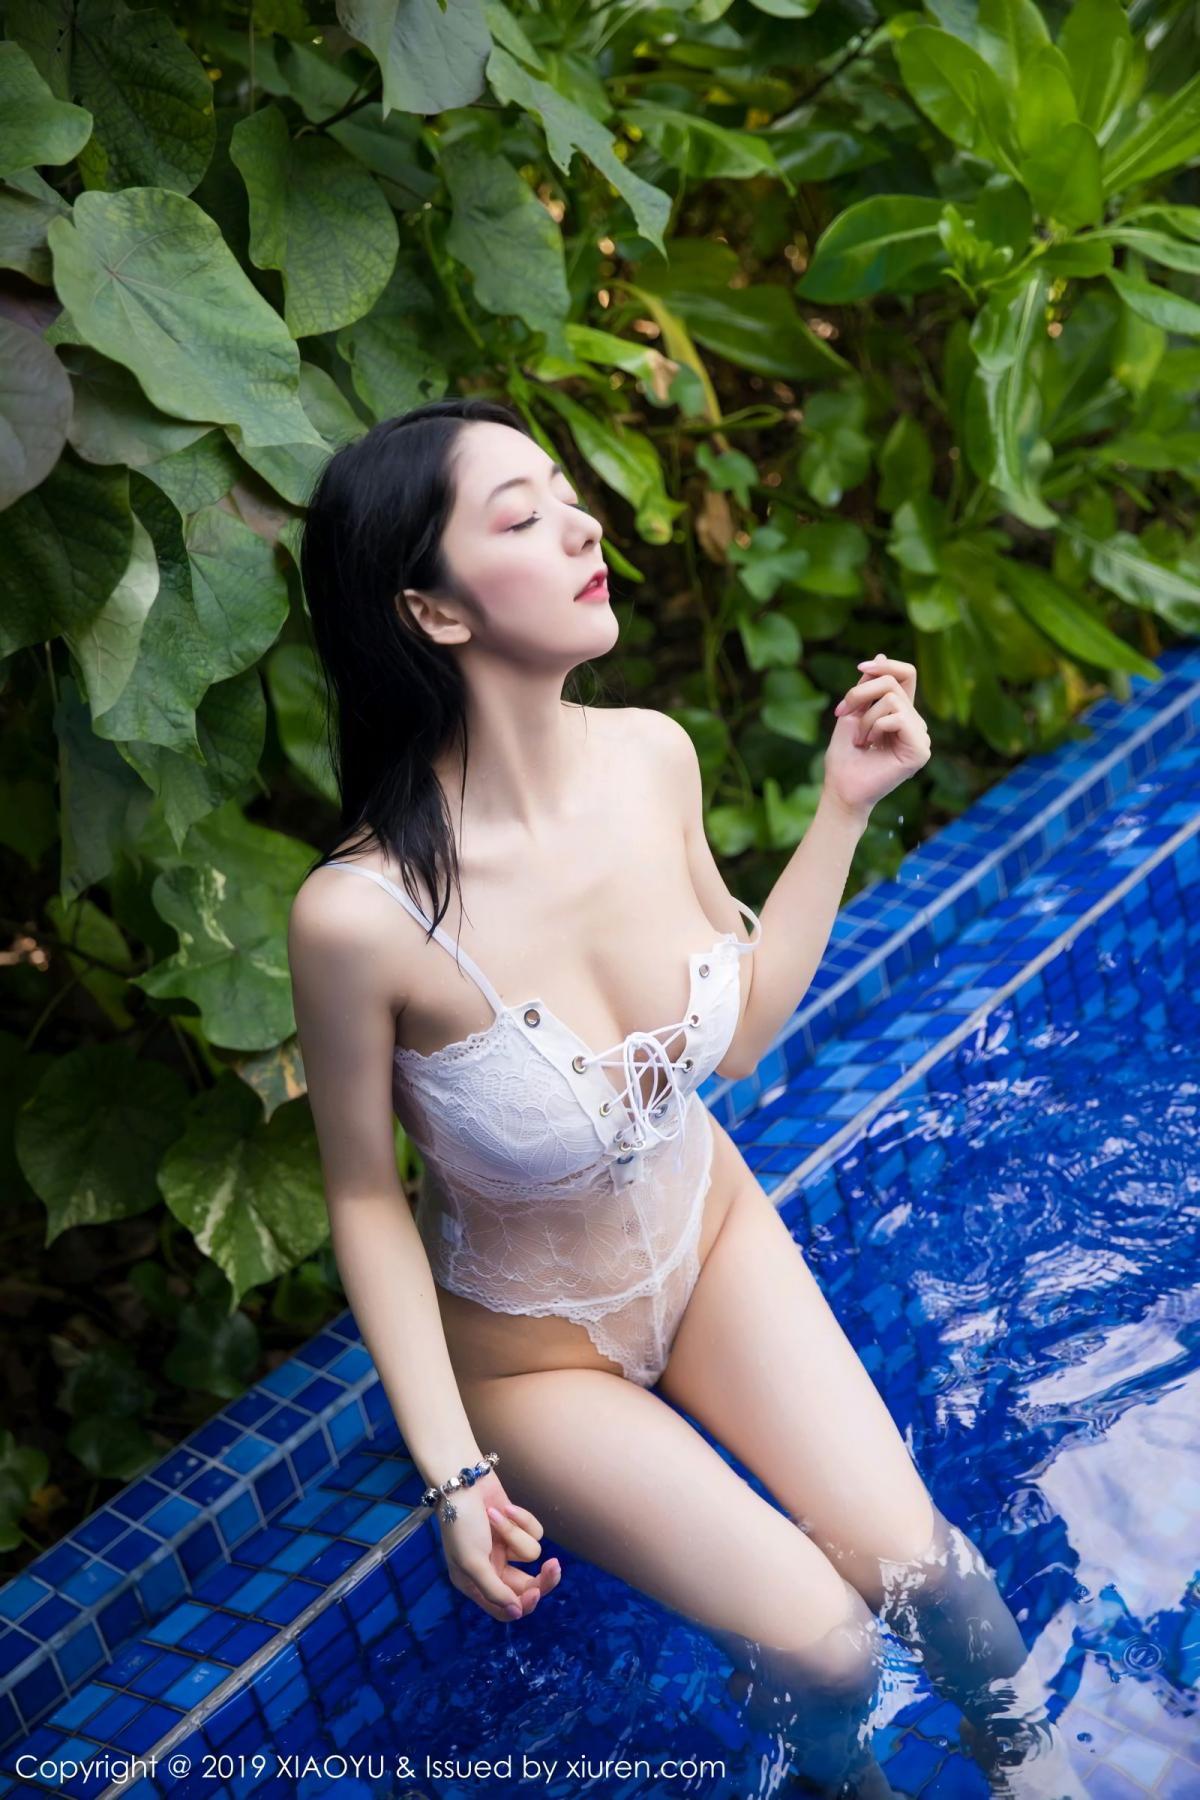 [XiaoYu] Vol.106 Di Yi 19P, Bikini, Di Yi, Swim Pool, Wet, XiaoYu